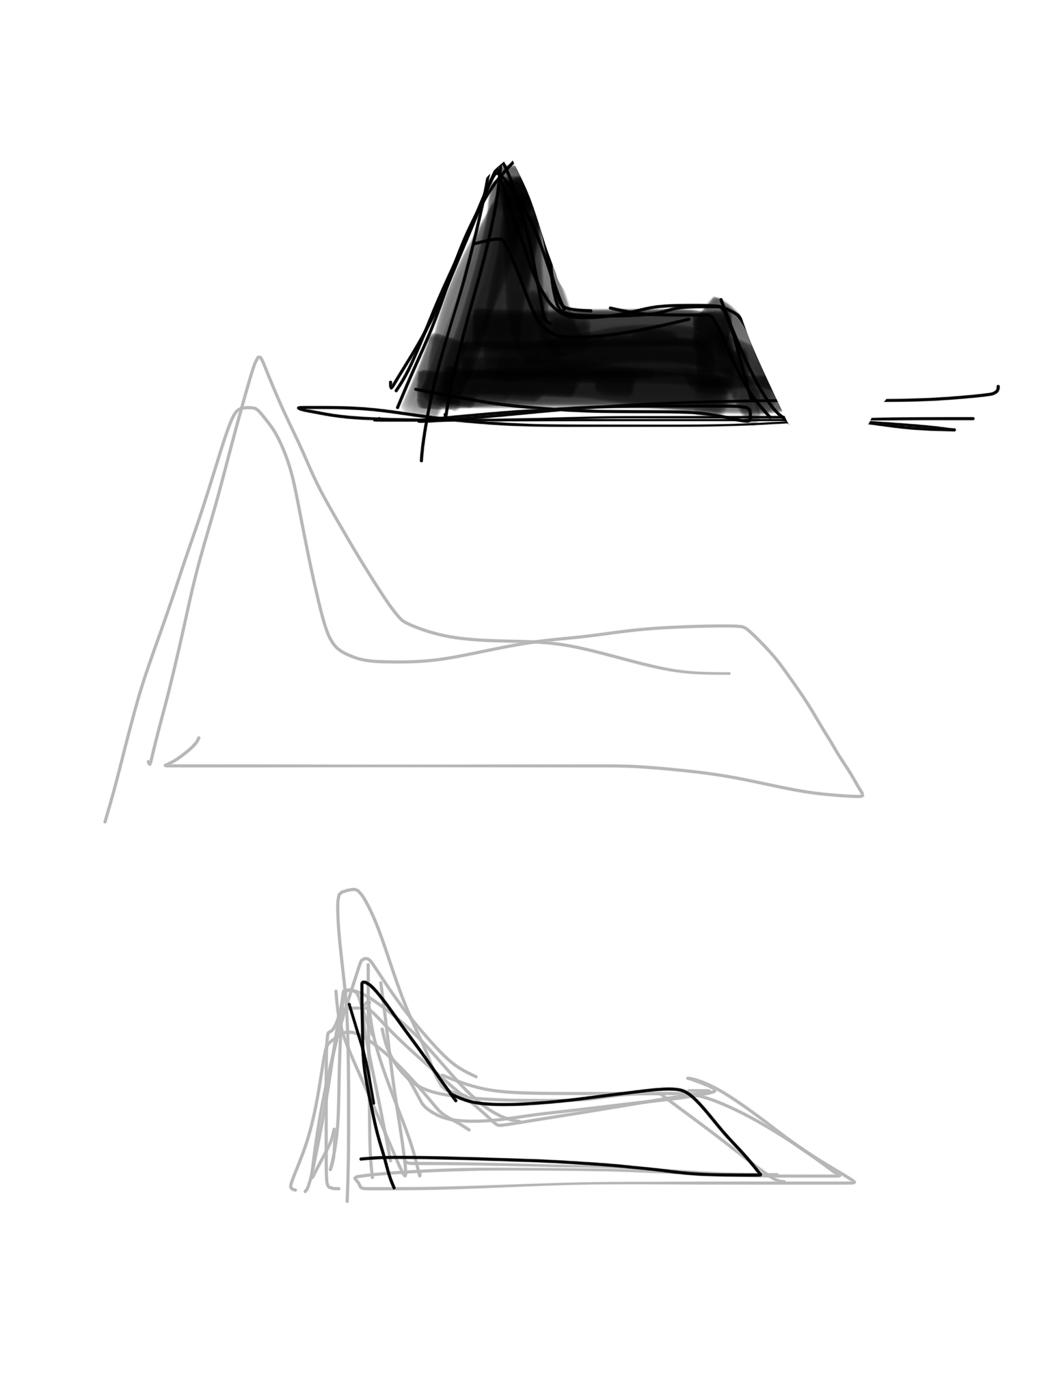 Sketch-386.jpg